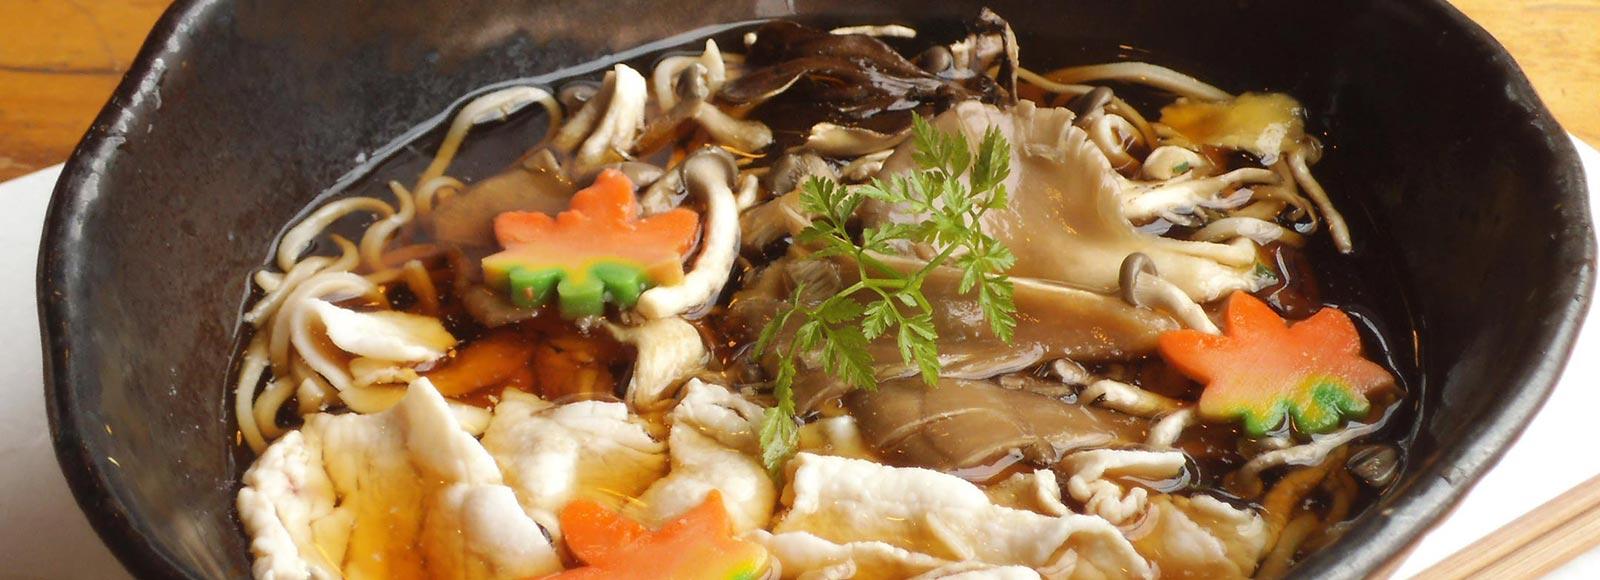 「和」の雰囲気を楽しめる食事処